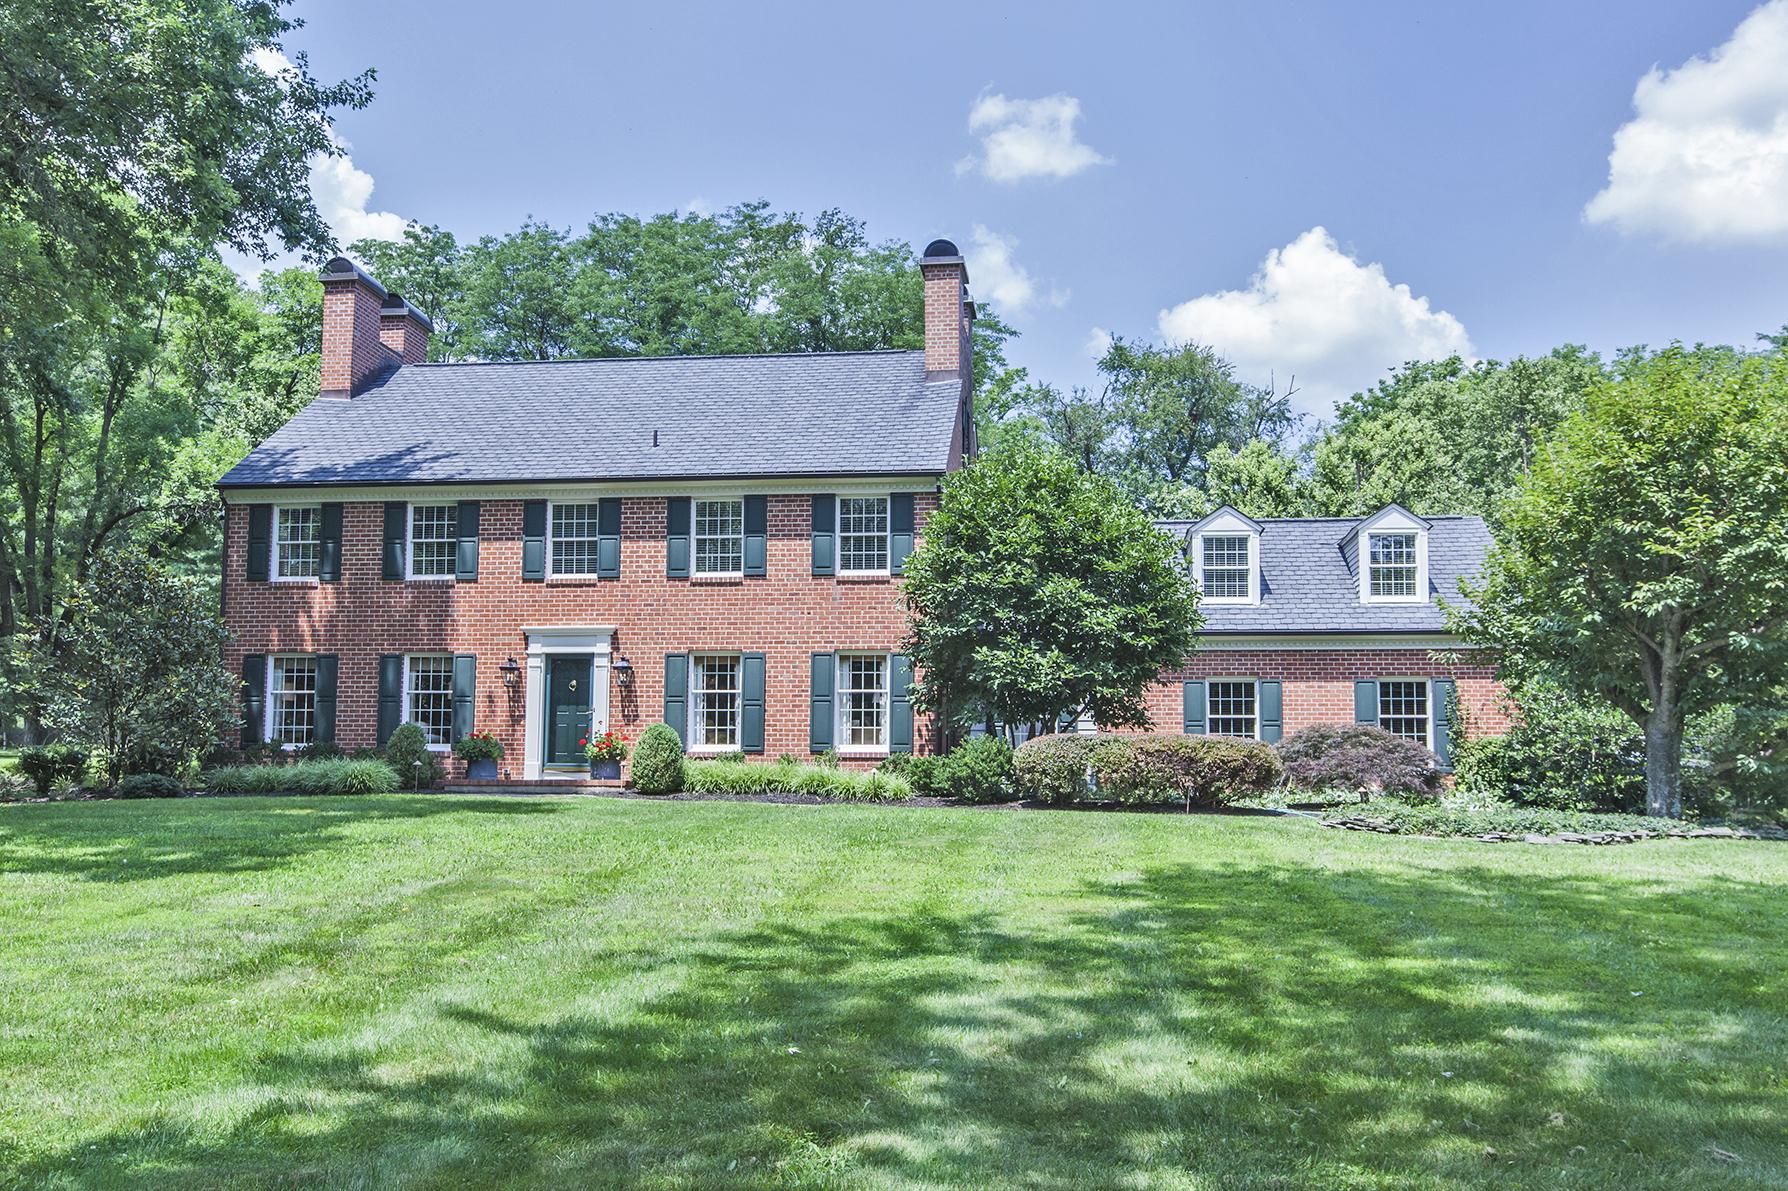 Частный односемейный дом для того Продажа на A Statement Of Style - Hopewell Township 22 Arvida Drive Pennington, 08534 Соединенные Штаты